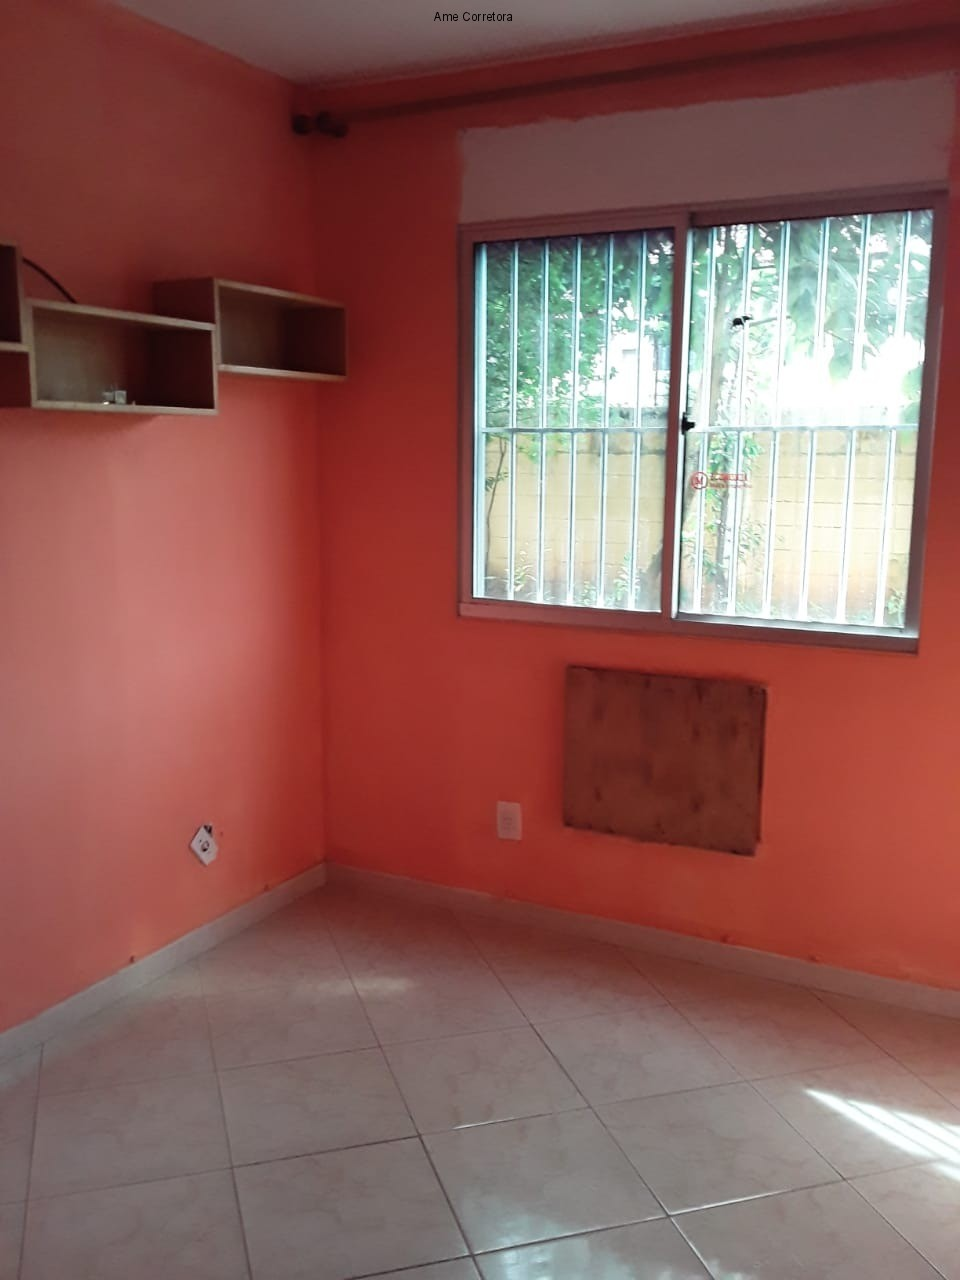 FOTO 07 - Apartamento 2 quartos à venda Rio de Janeiro,RJ - R$ 110.000 - AP00363 - 8